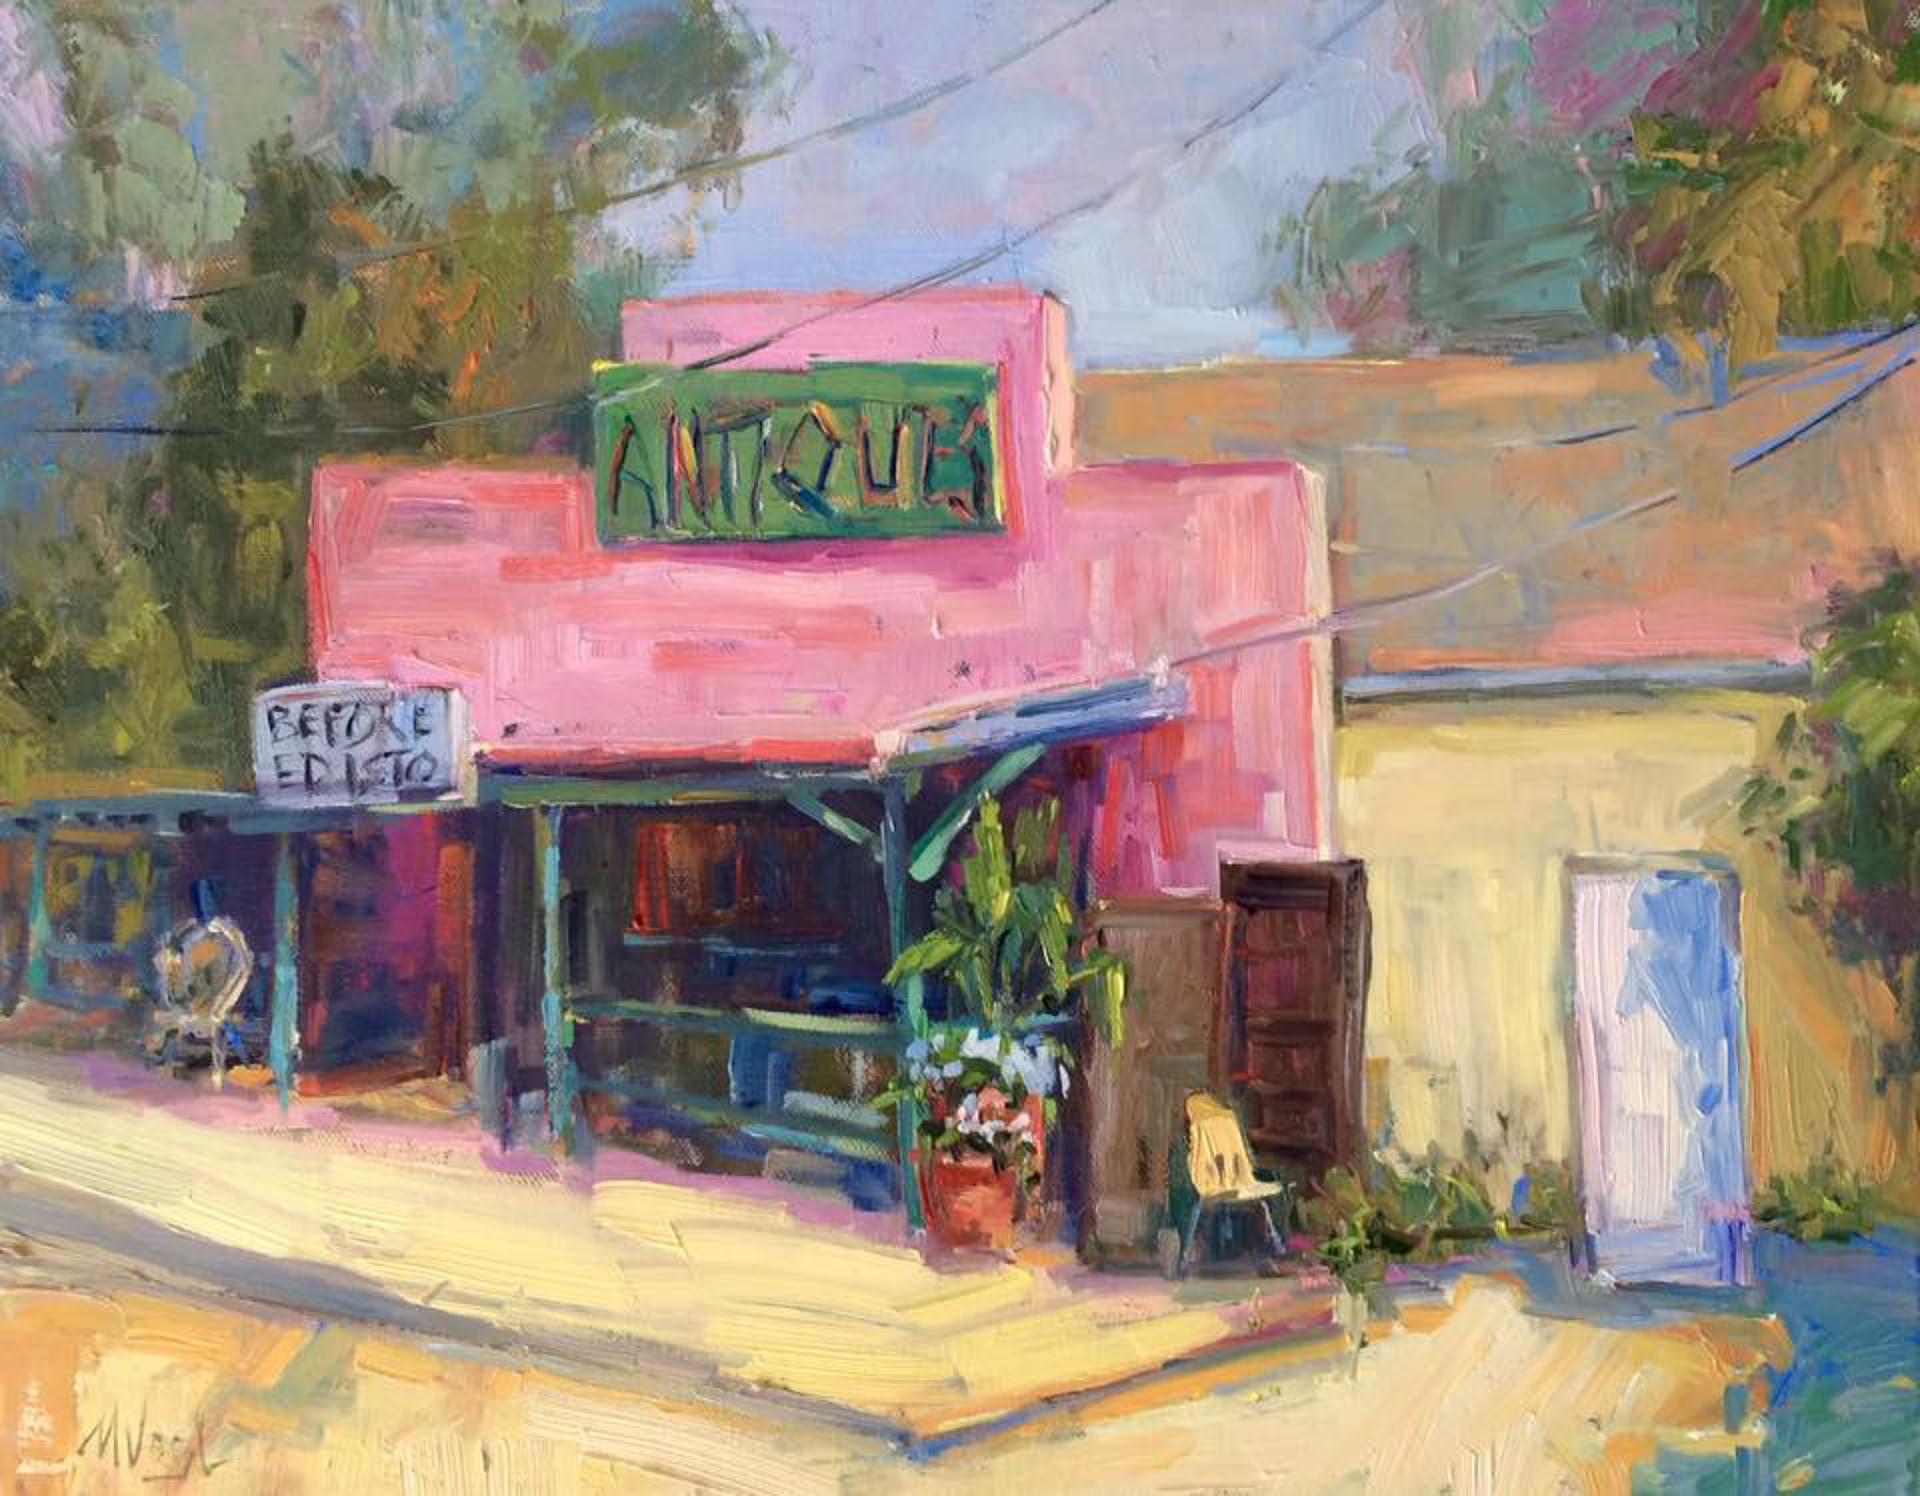 Antique Shop by Marissa Vogl